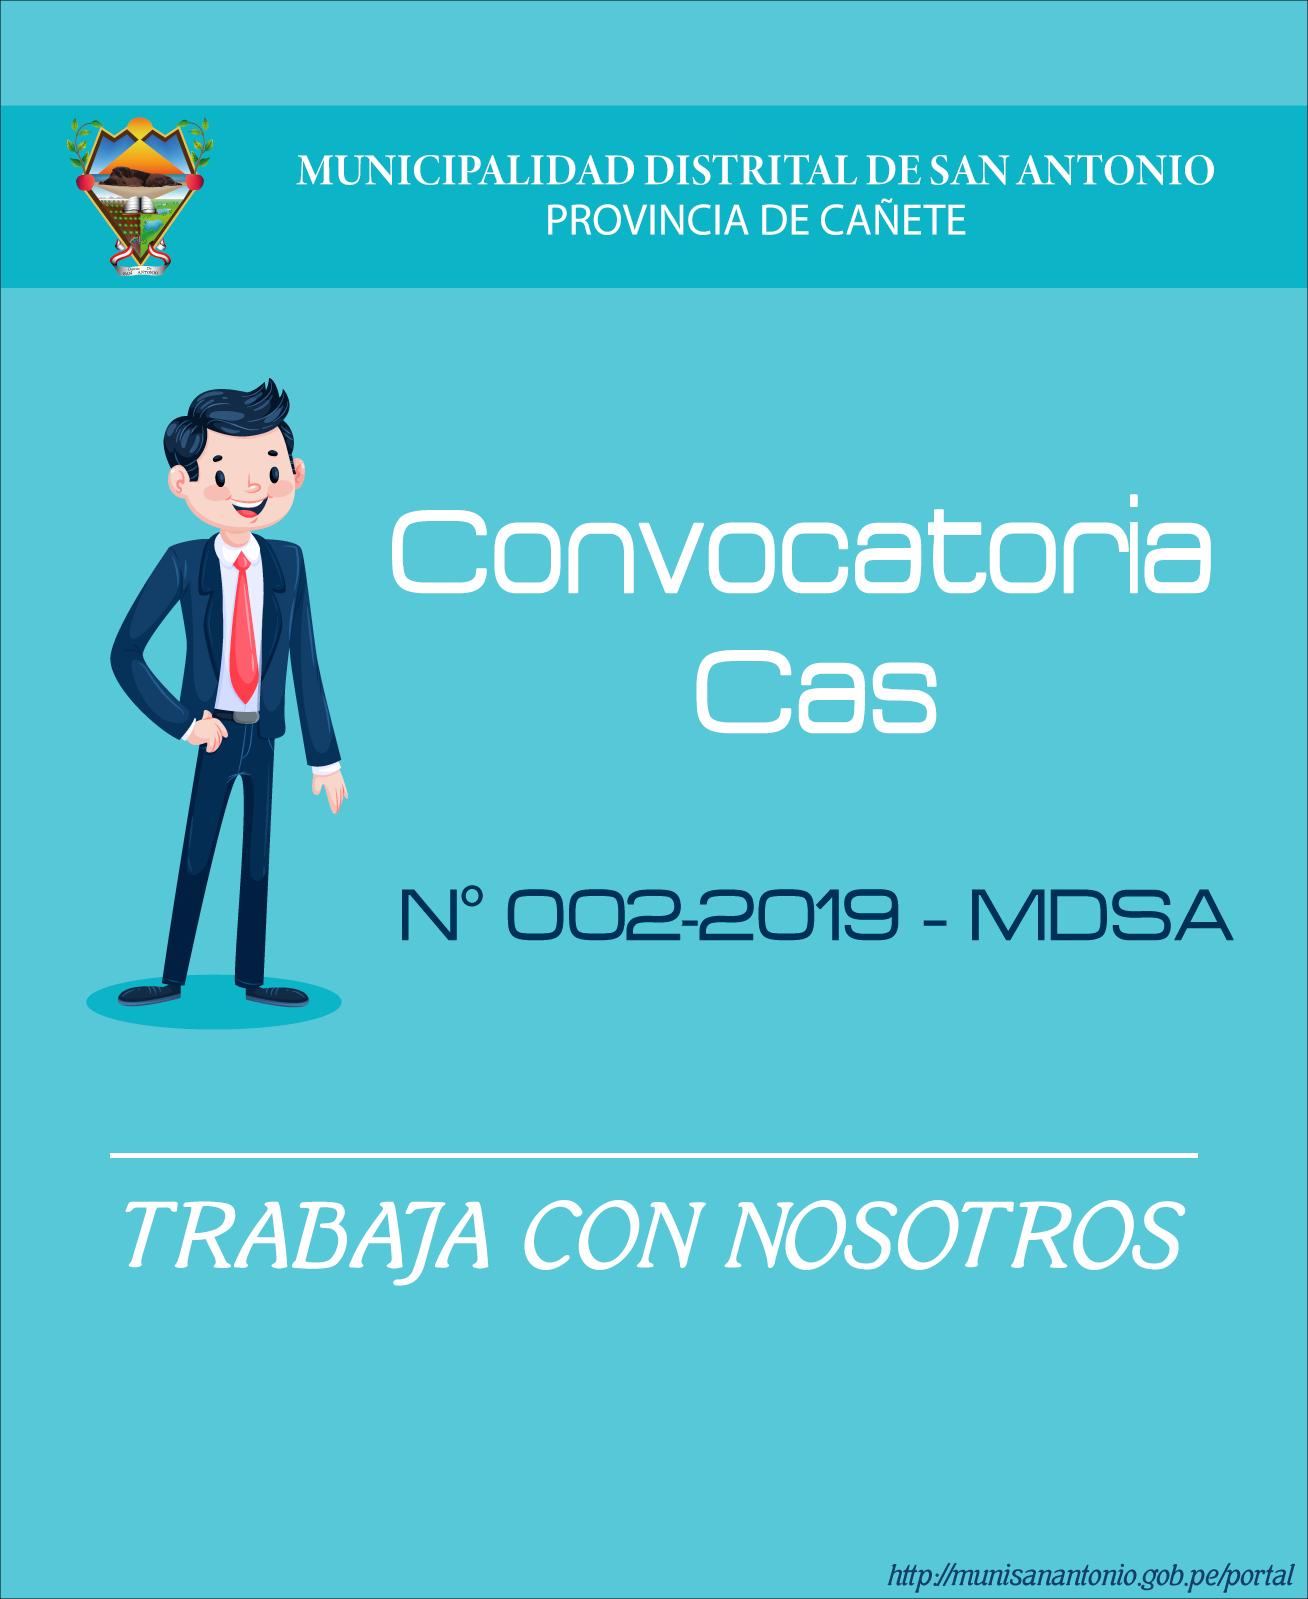 CAS-002-2019-MDSA